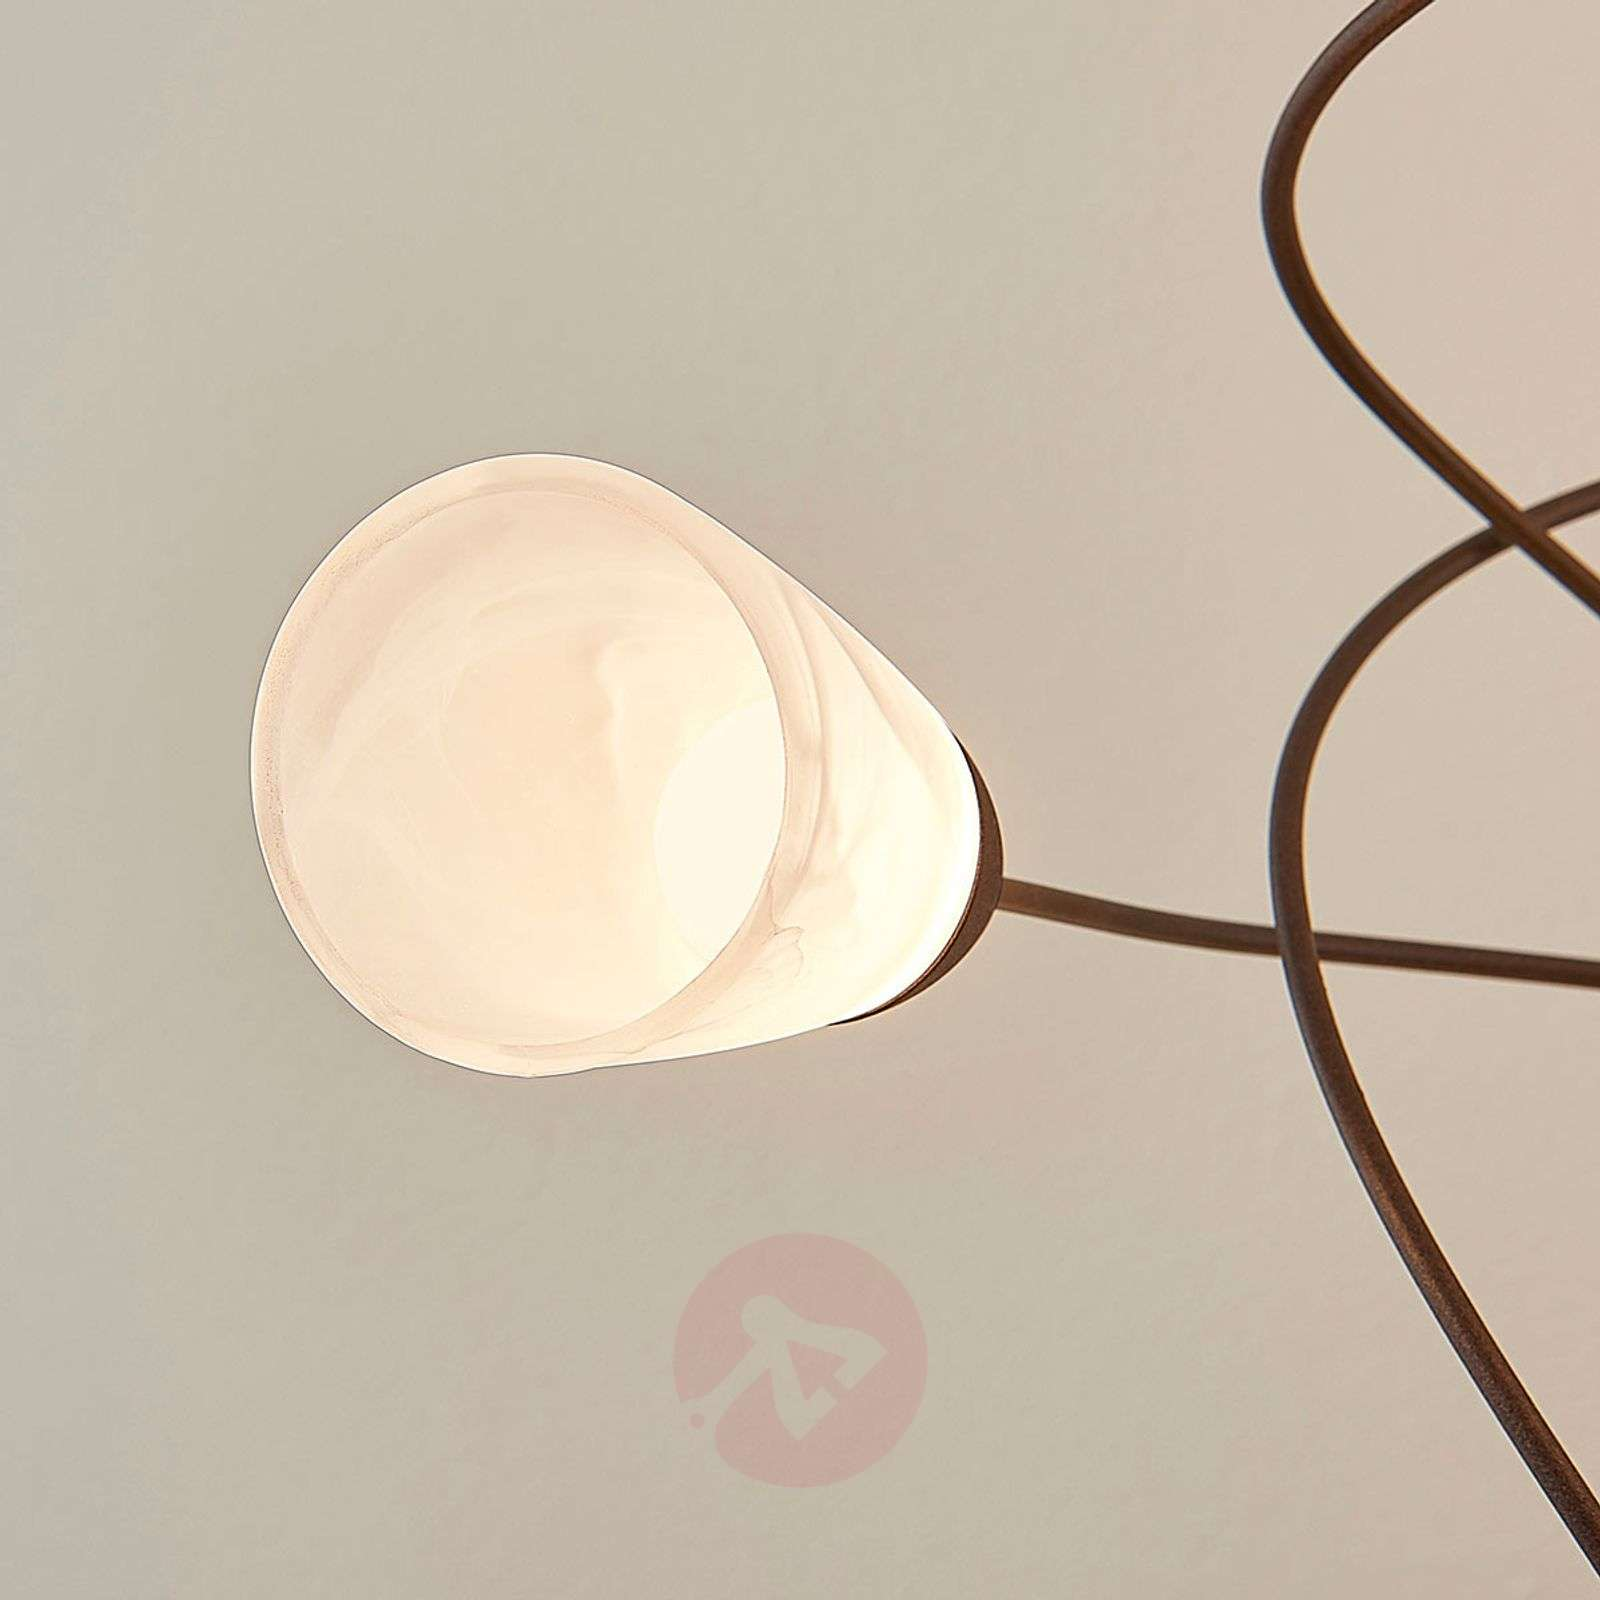 Himmennettävä LED-lattialamppu Hannes-9624039-01